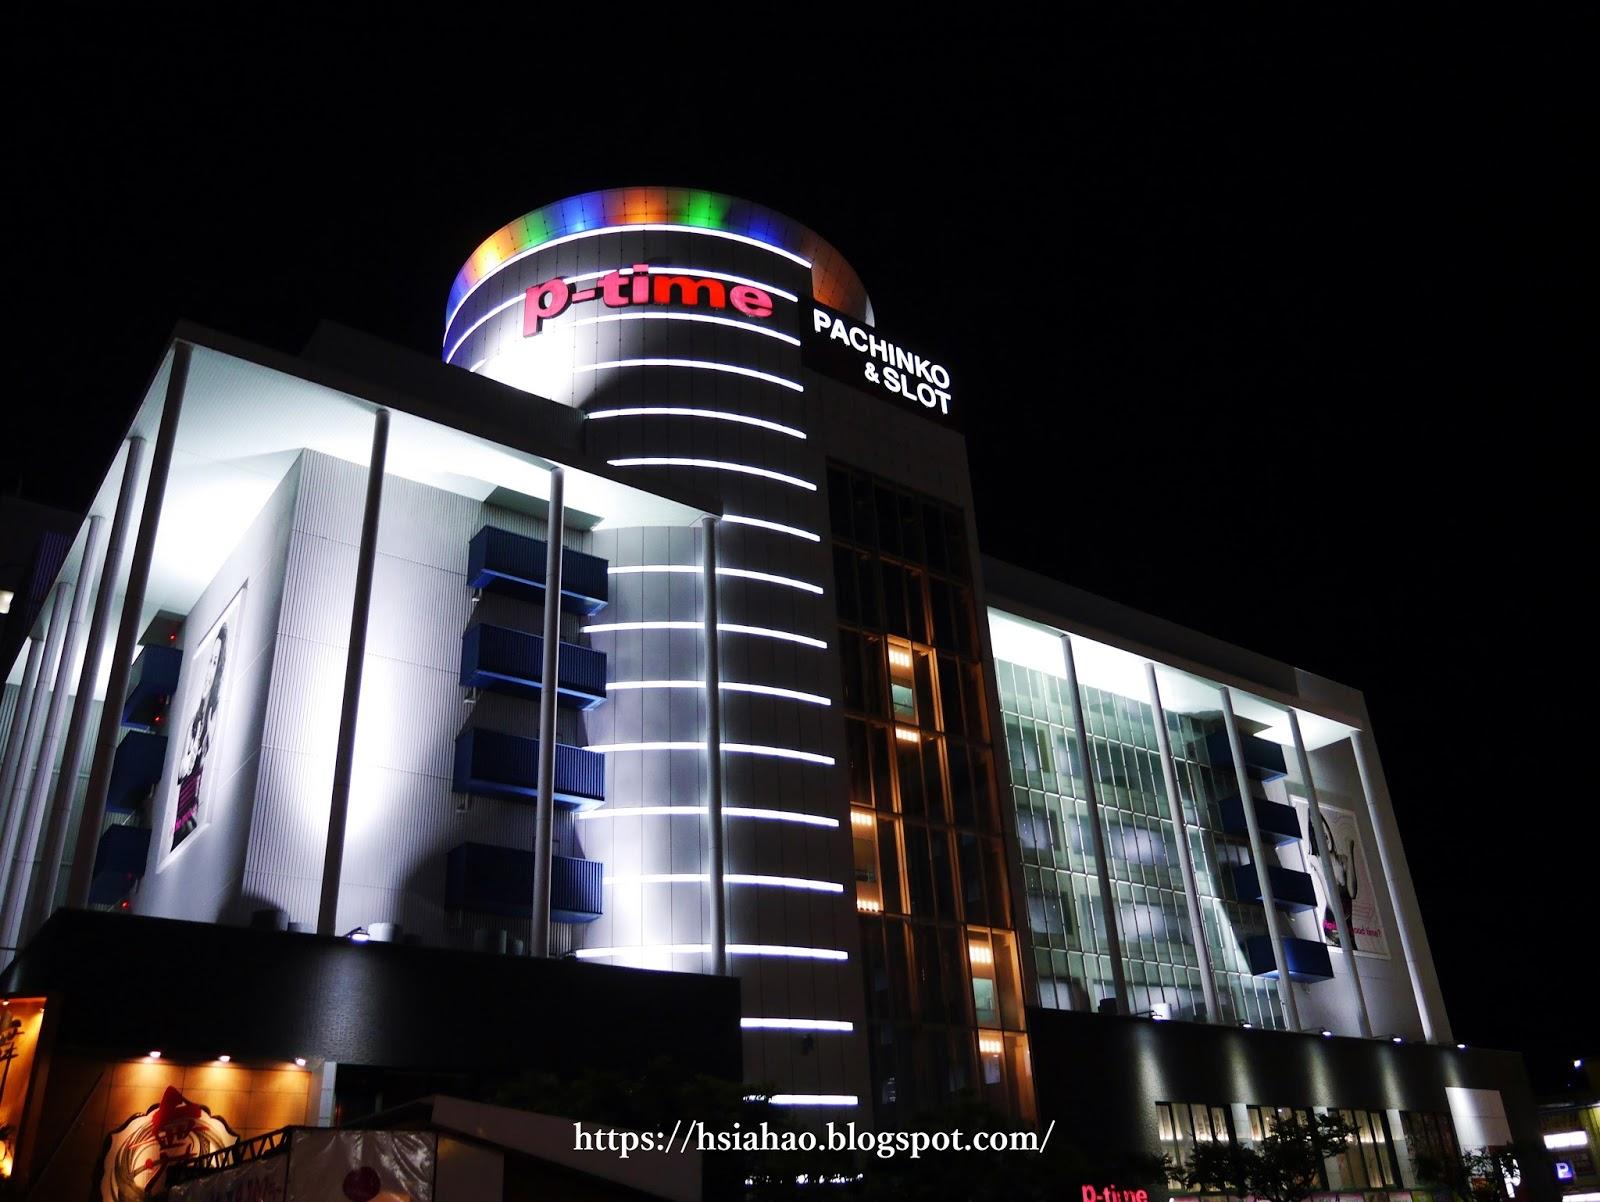 沖繩-景點-推薦-那霸-pachinko-Naha-Main-Place-那覇メインプレイス-自由行-旅遊-Okinawa